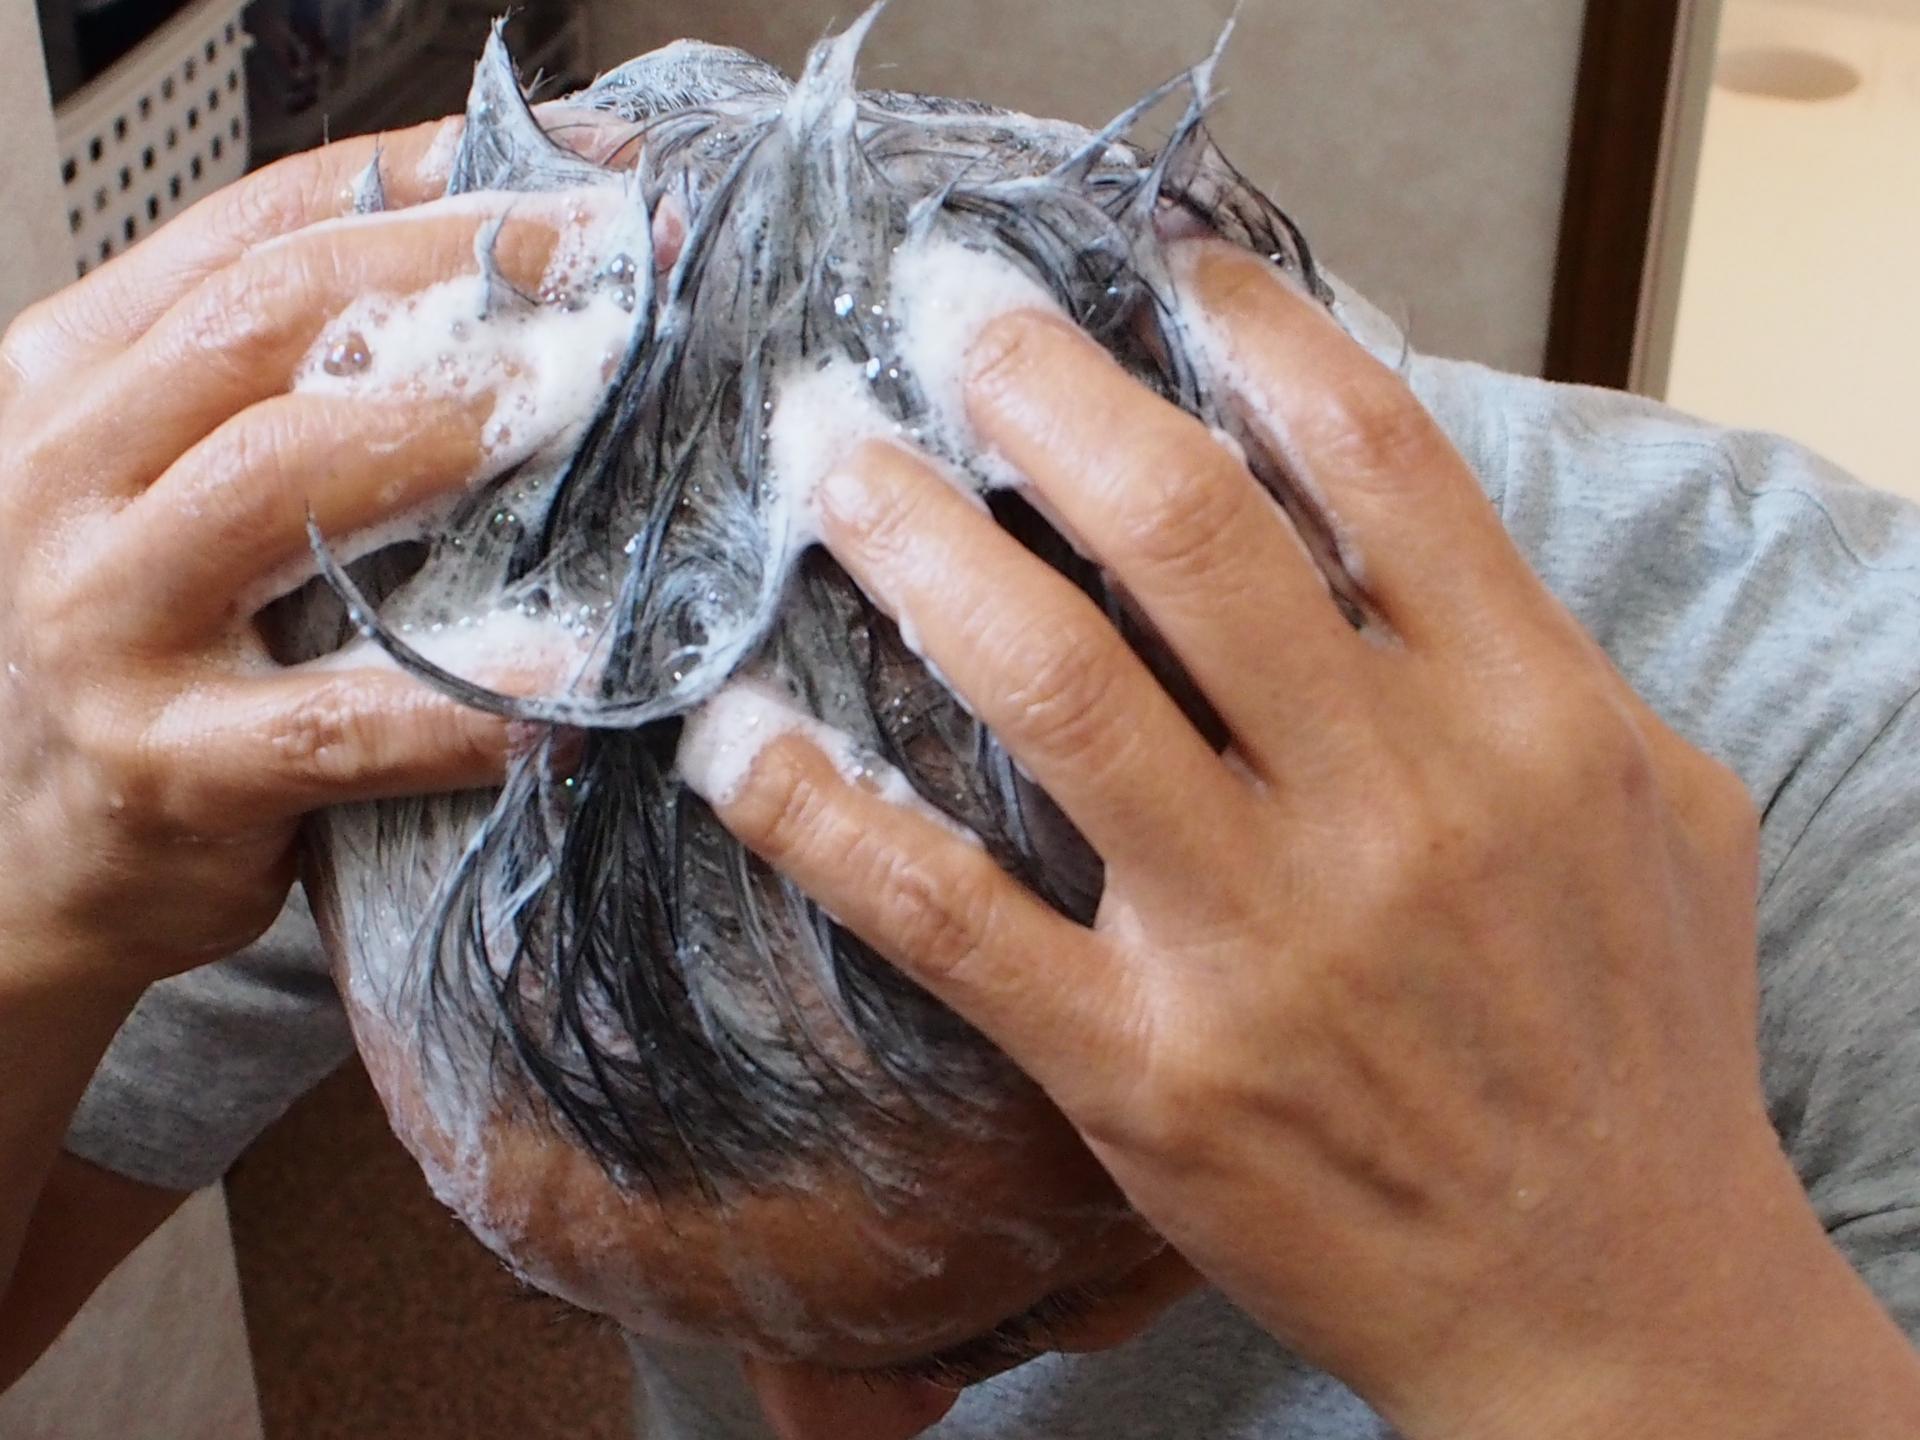 シャンプーする薄毛の男性